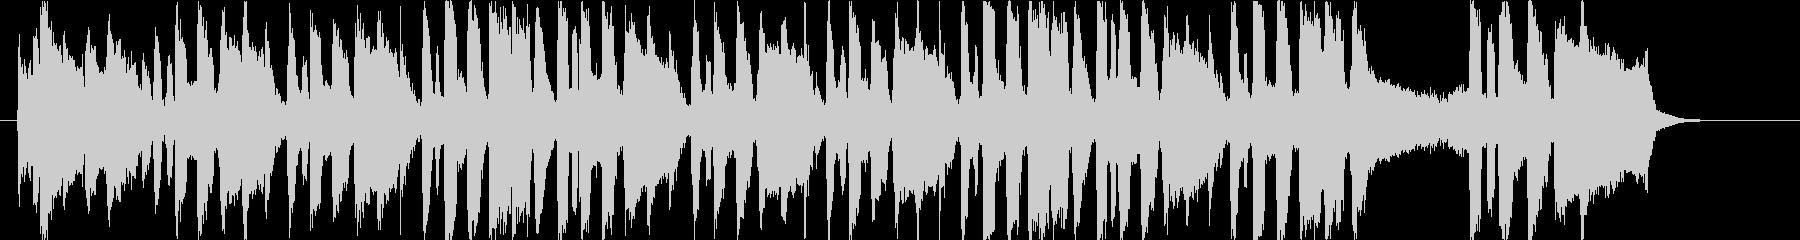 誕生日の歌(ワルツver) 【リオ】の未再生の波形